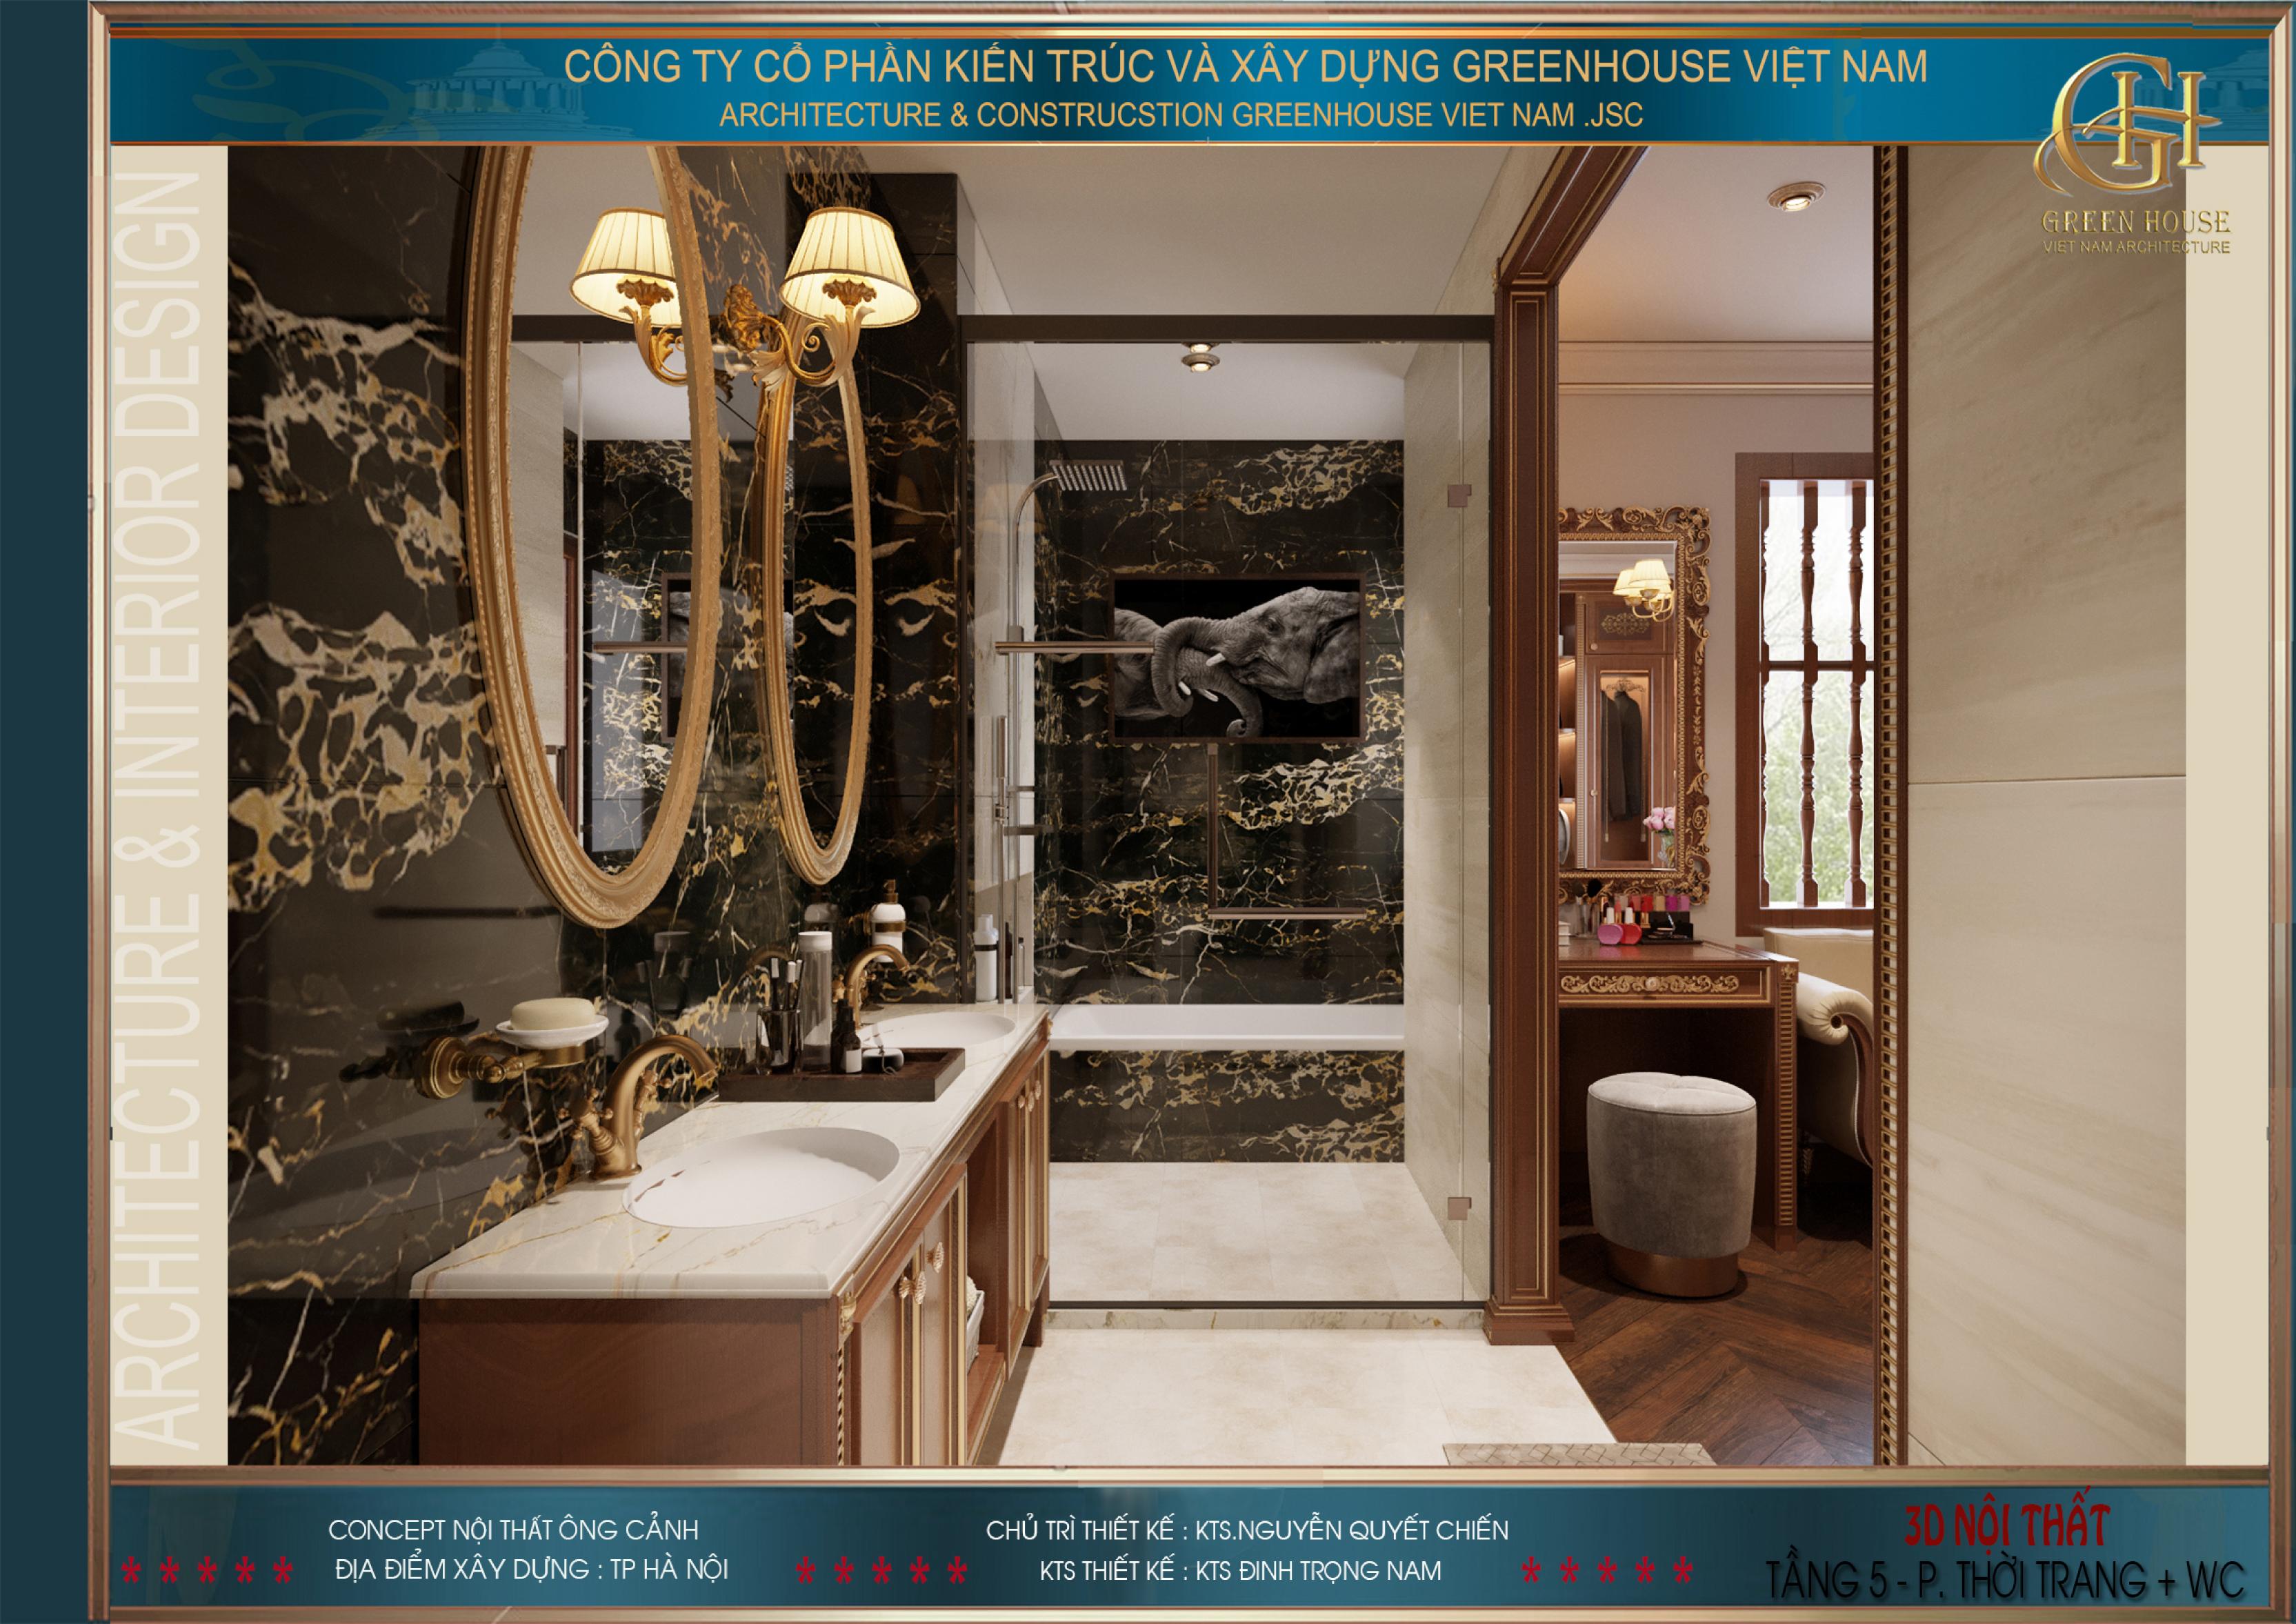 Phòng tắm của phòng ngủ master được thiết kế hiện đại, sang trọng